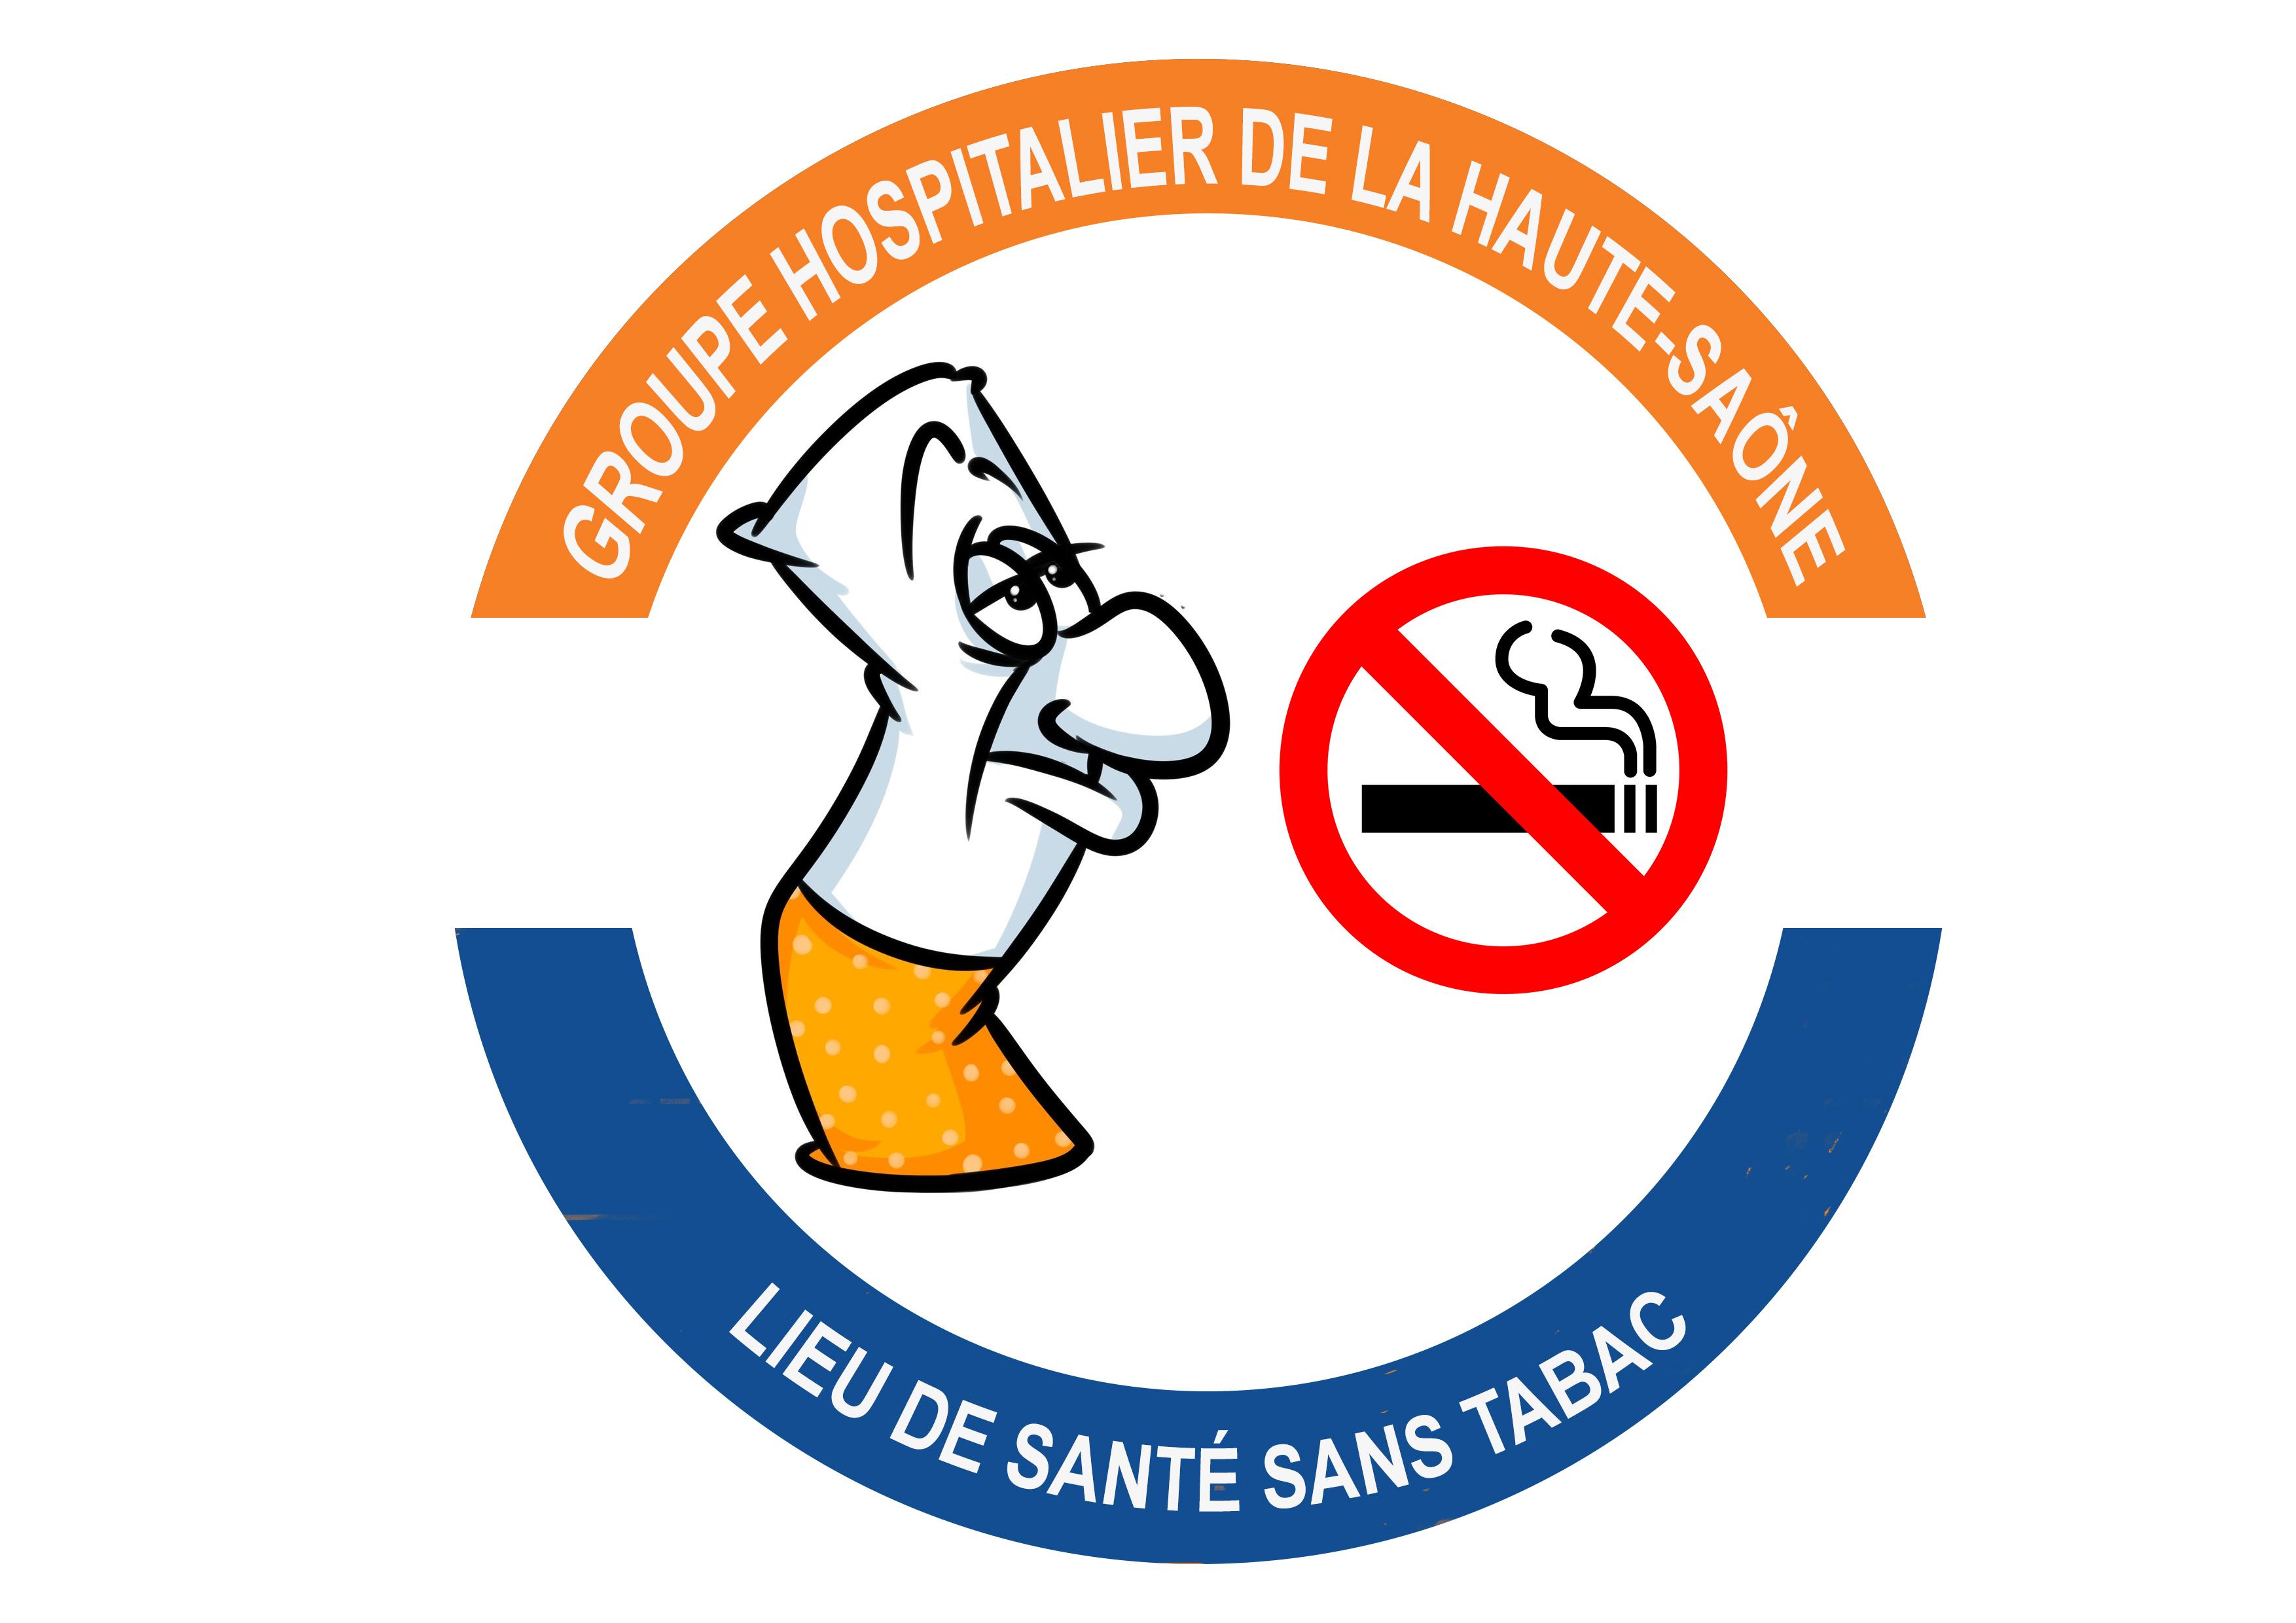 A venir... GH70 : Lieu de santé sans tabac